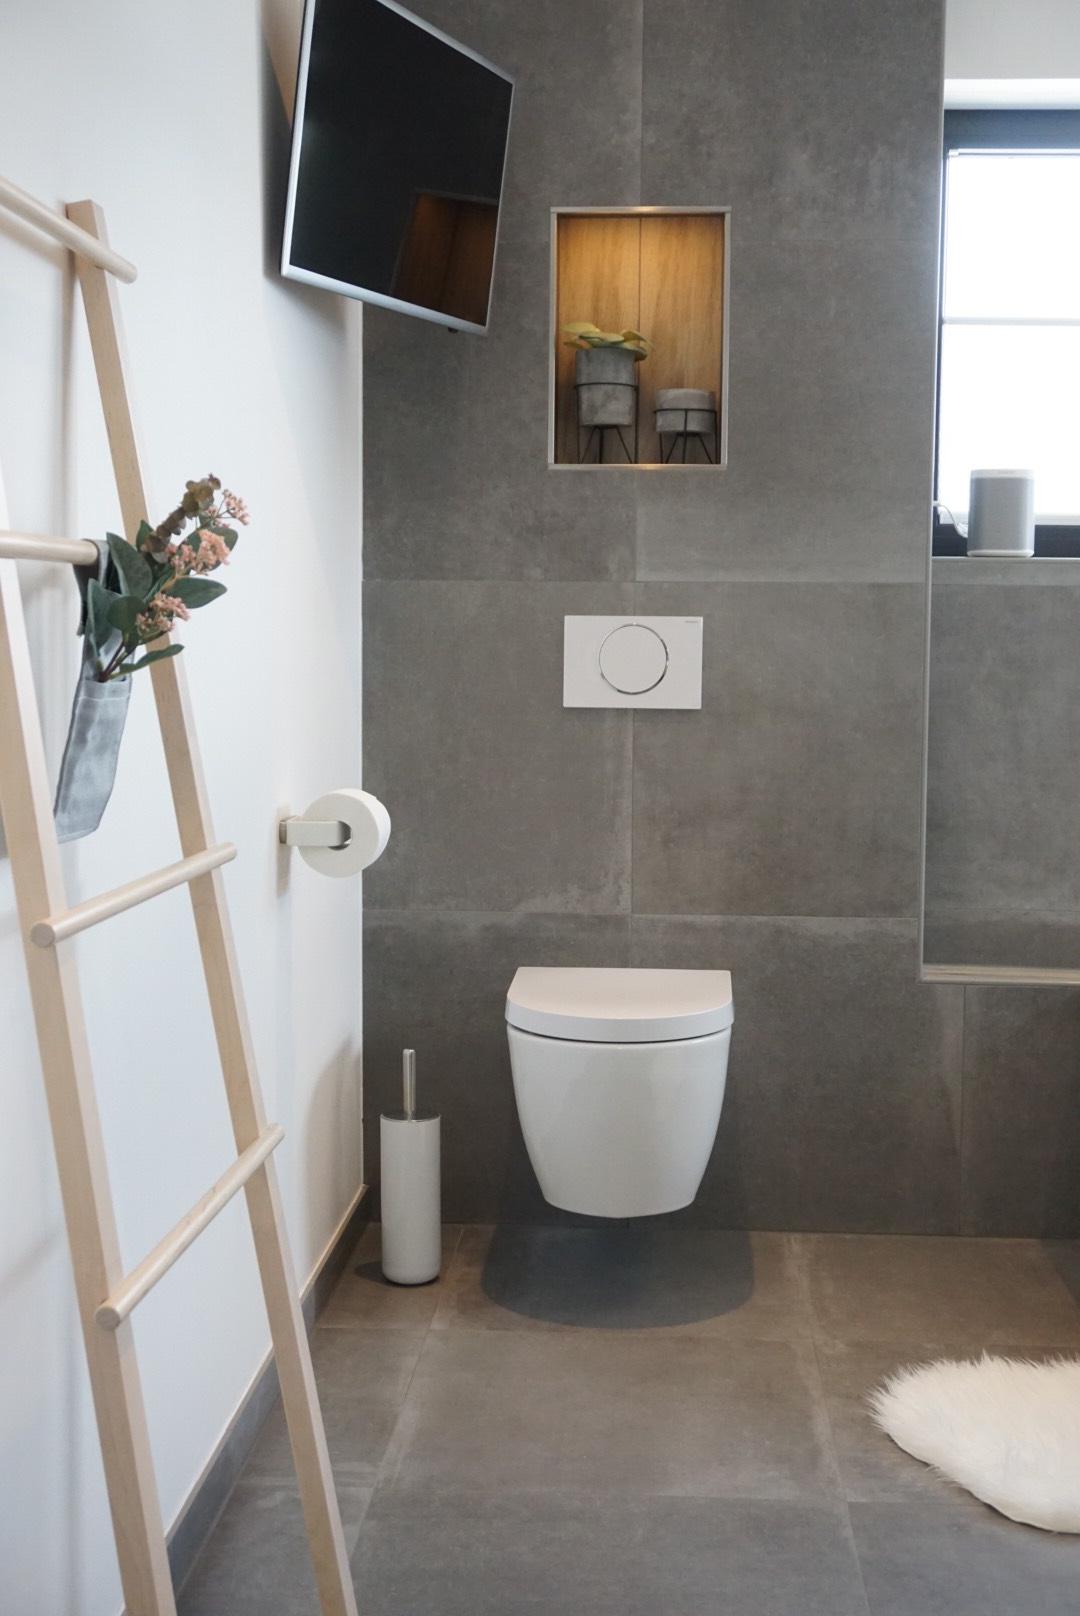 Badezimmer Ideen Von Heike Heikes Homestory Auf Instagram Die Modernen Badezimmerfliesen In Kombination Mi Badezimmer Badezimmer Fliesen Badezimmer Sanitar